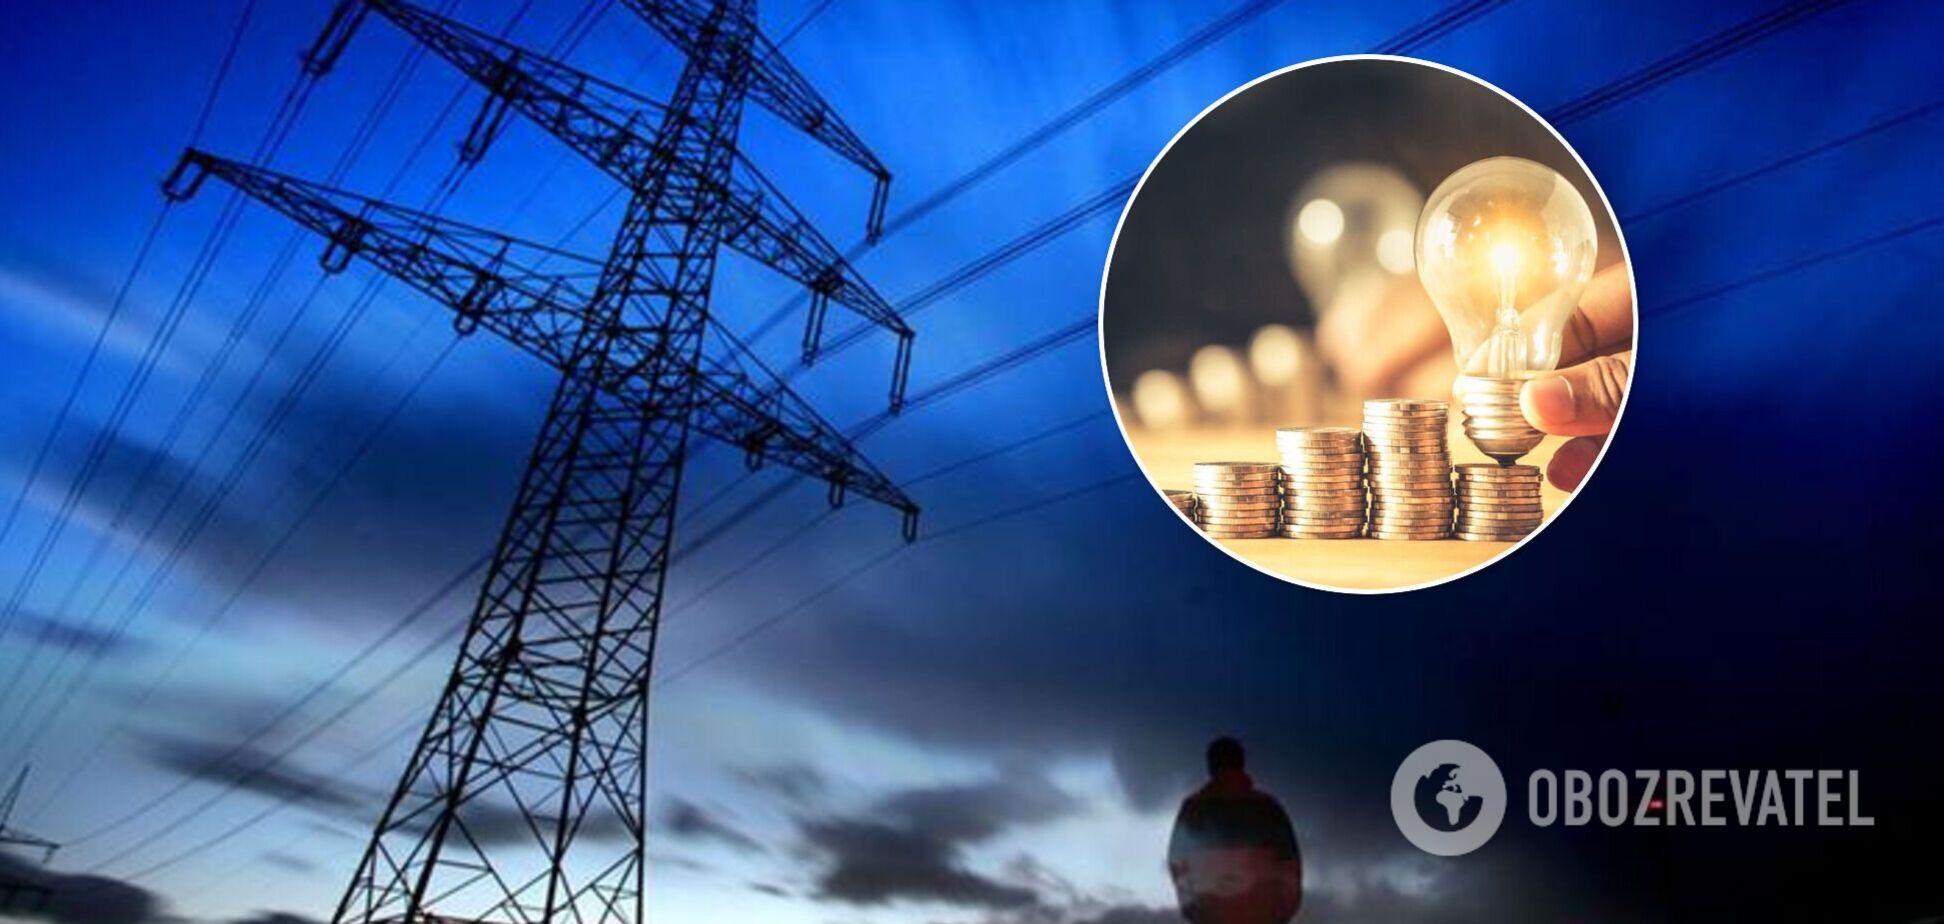 'Укркокс' закликав НКРЕКП та 'Укренерго' знизити тариф на передачу електроенергії: ресурс є